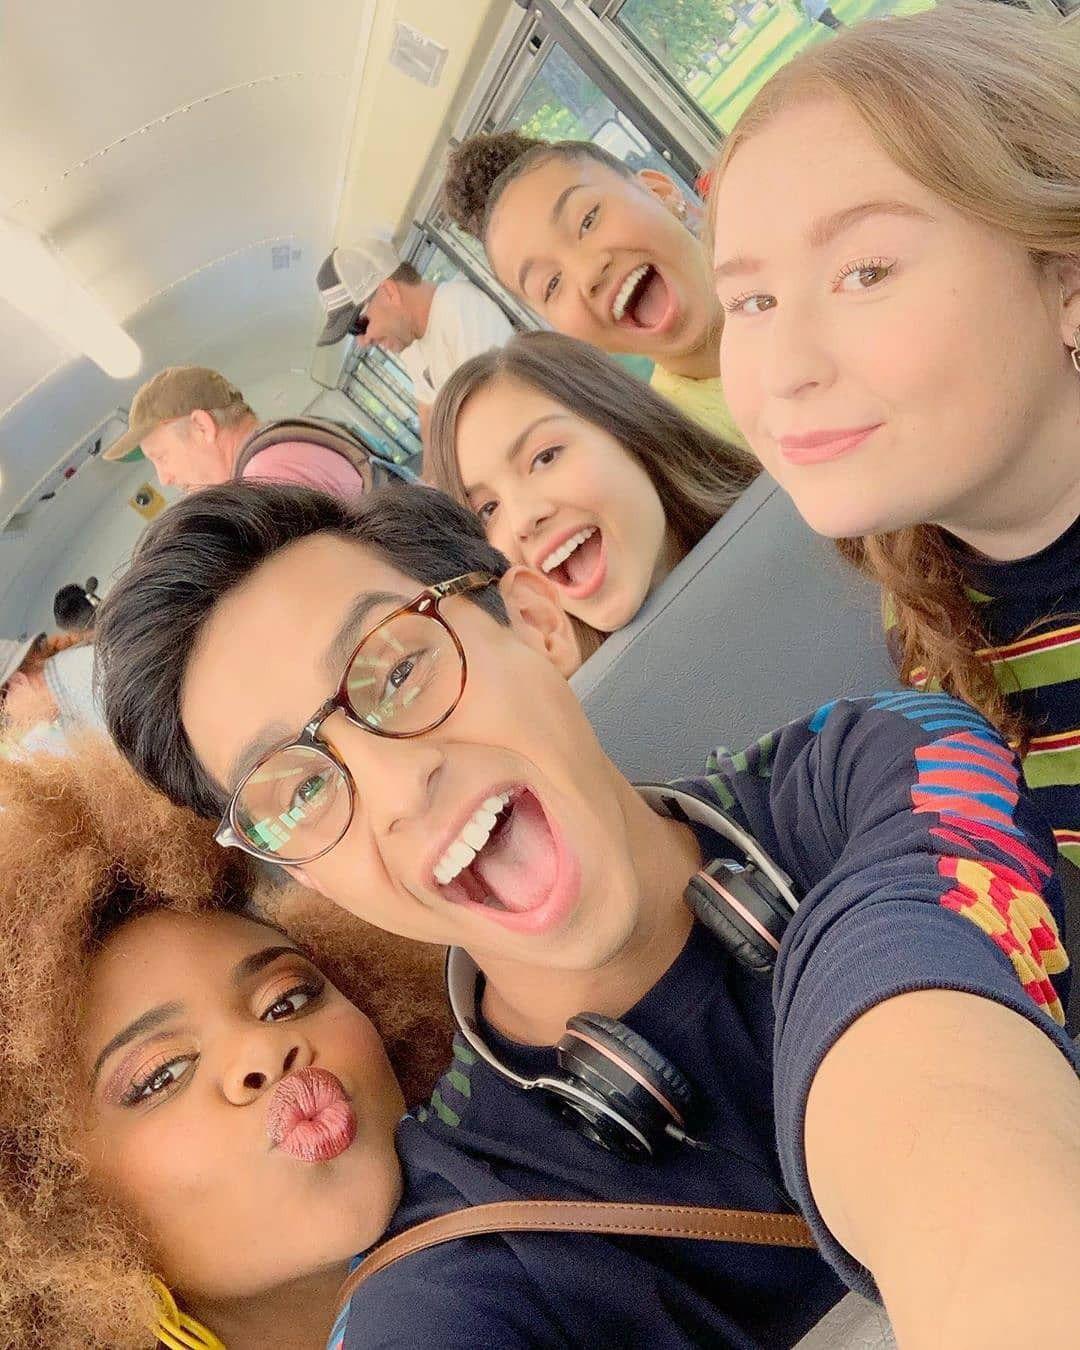 Pin By Pumpkin On The Hsmtmts Cast High School Musical Cast High School Musical Musicals